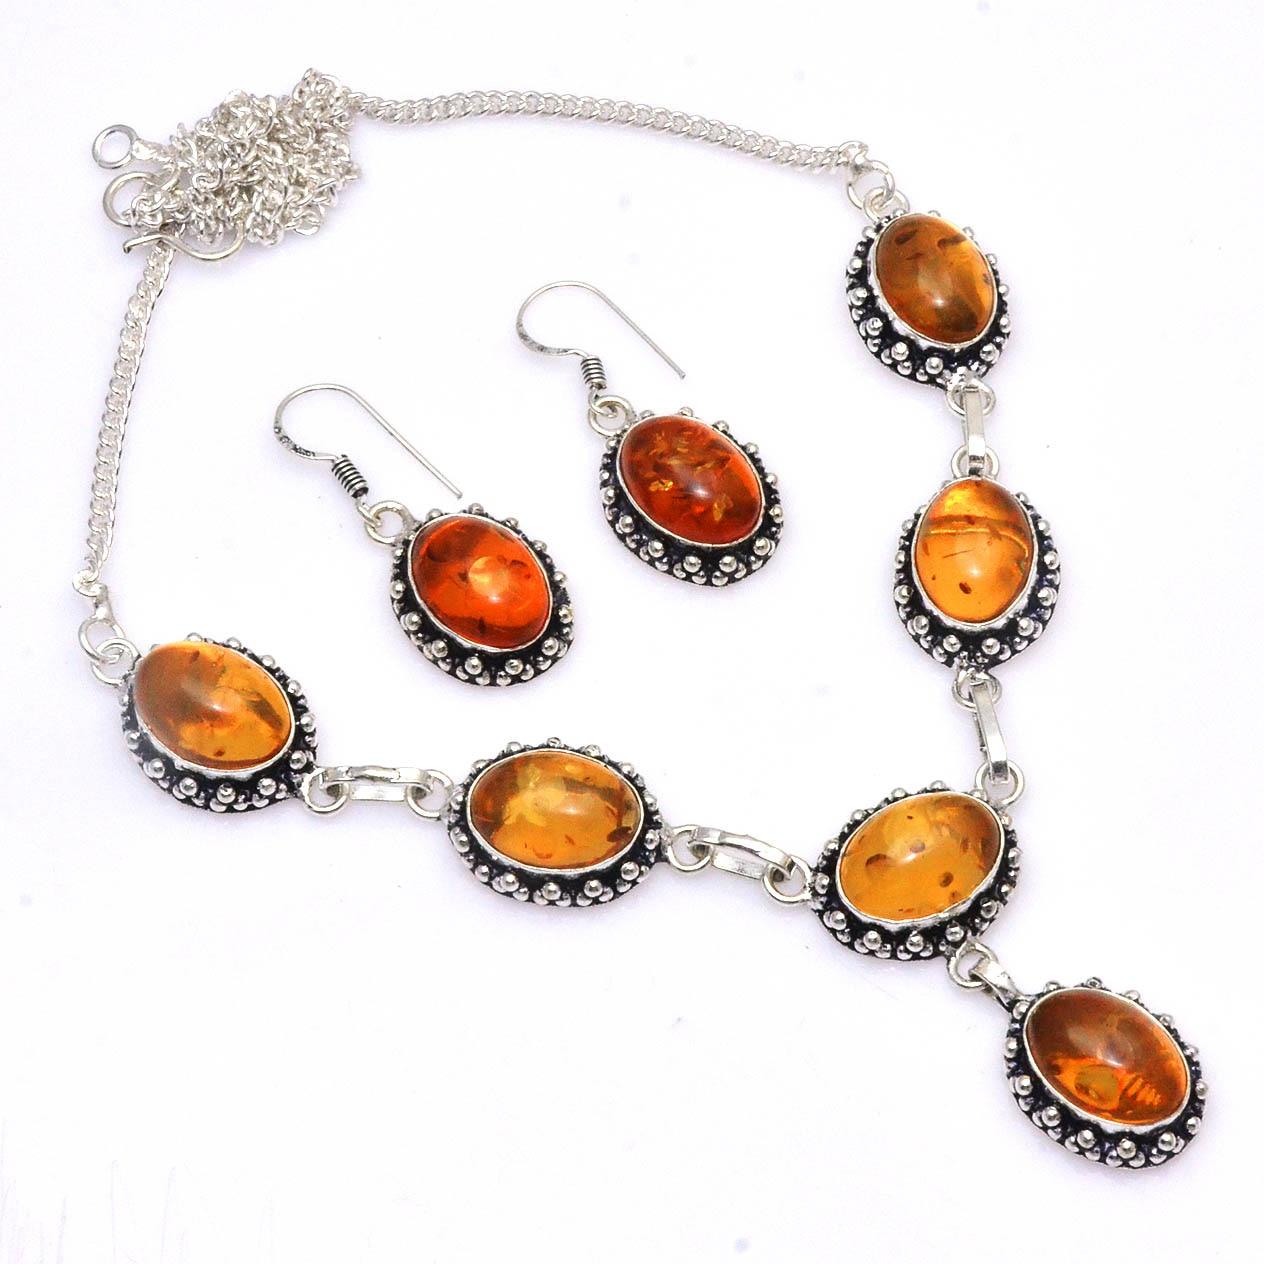 Подлинное ожерелье янтарного цвета + серебряные серьги сверху меди, 50 см, N4686